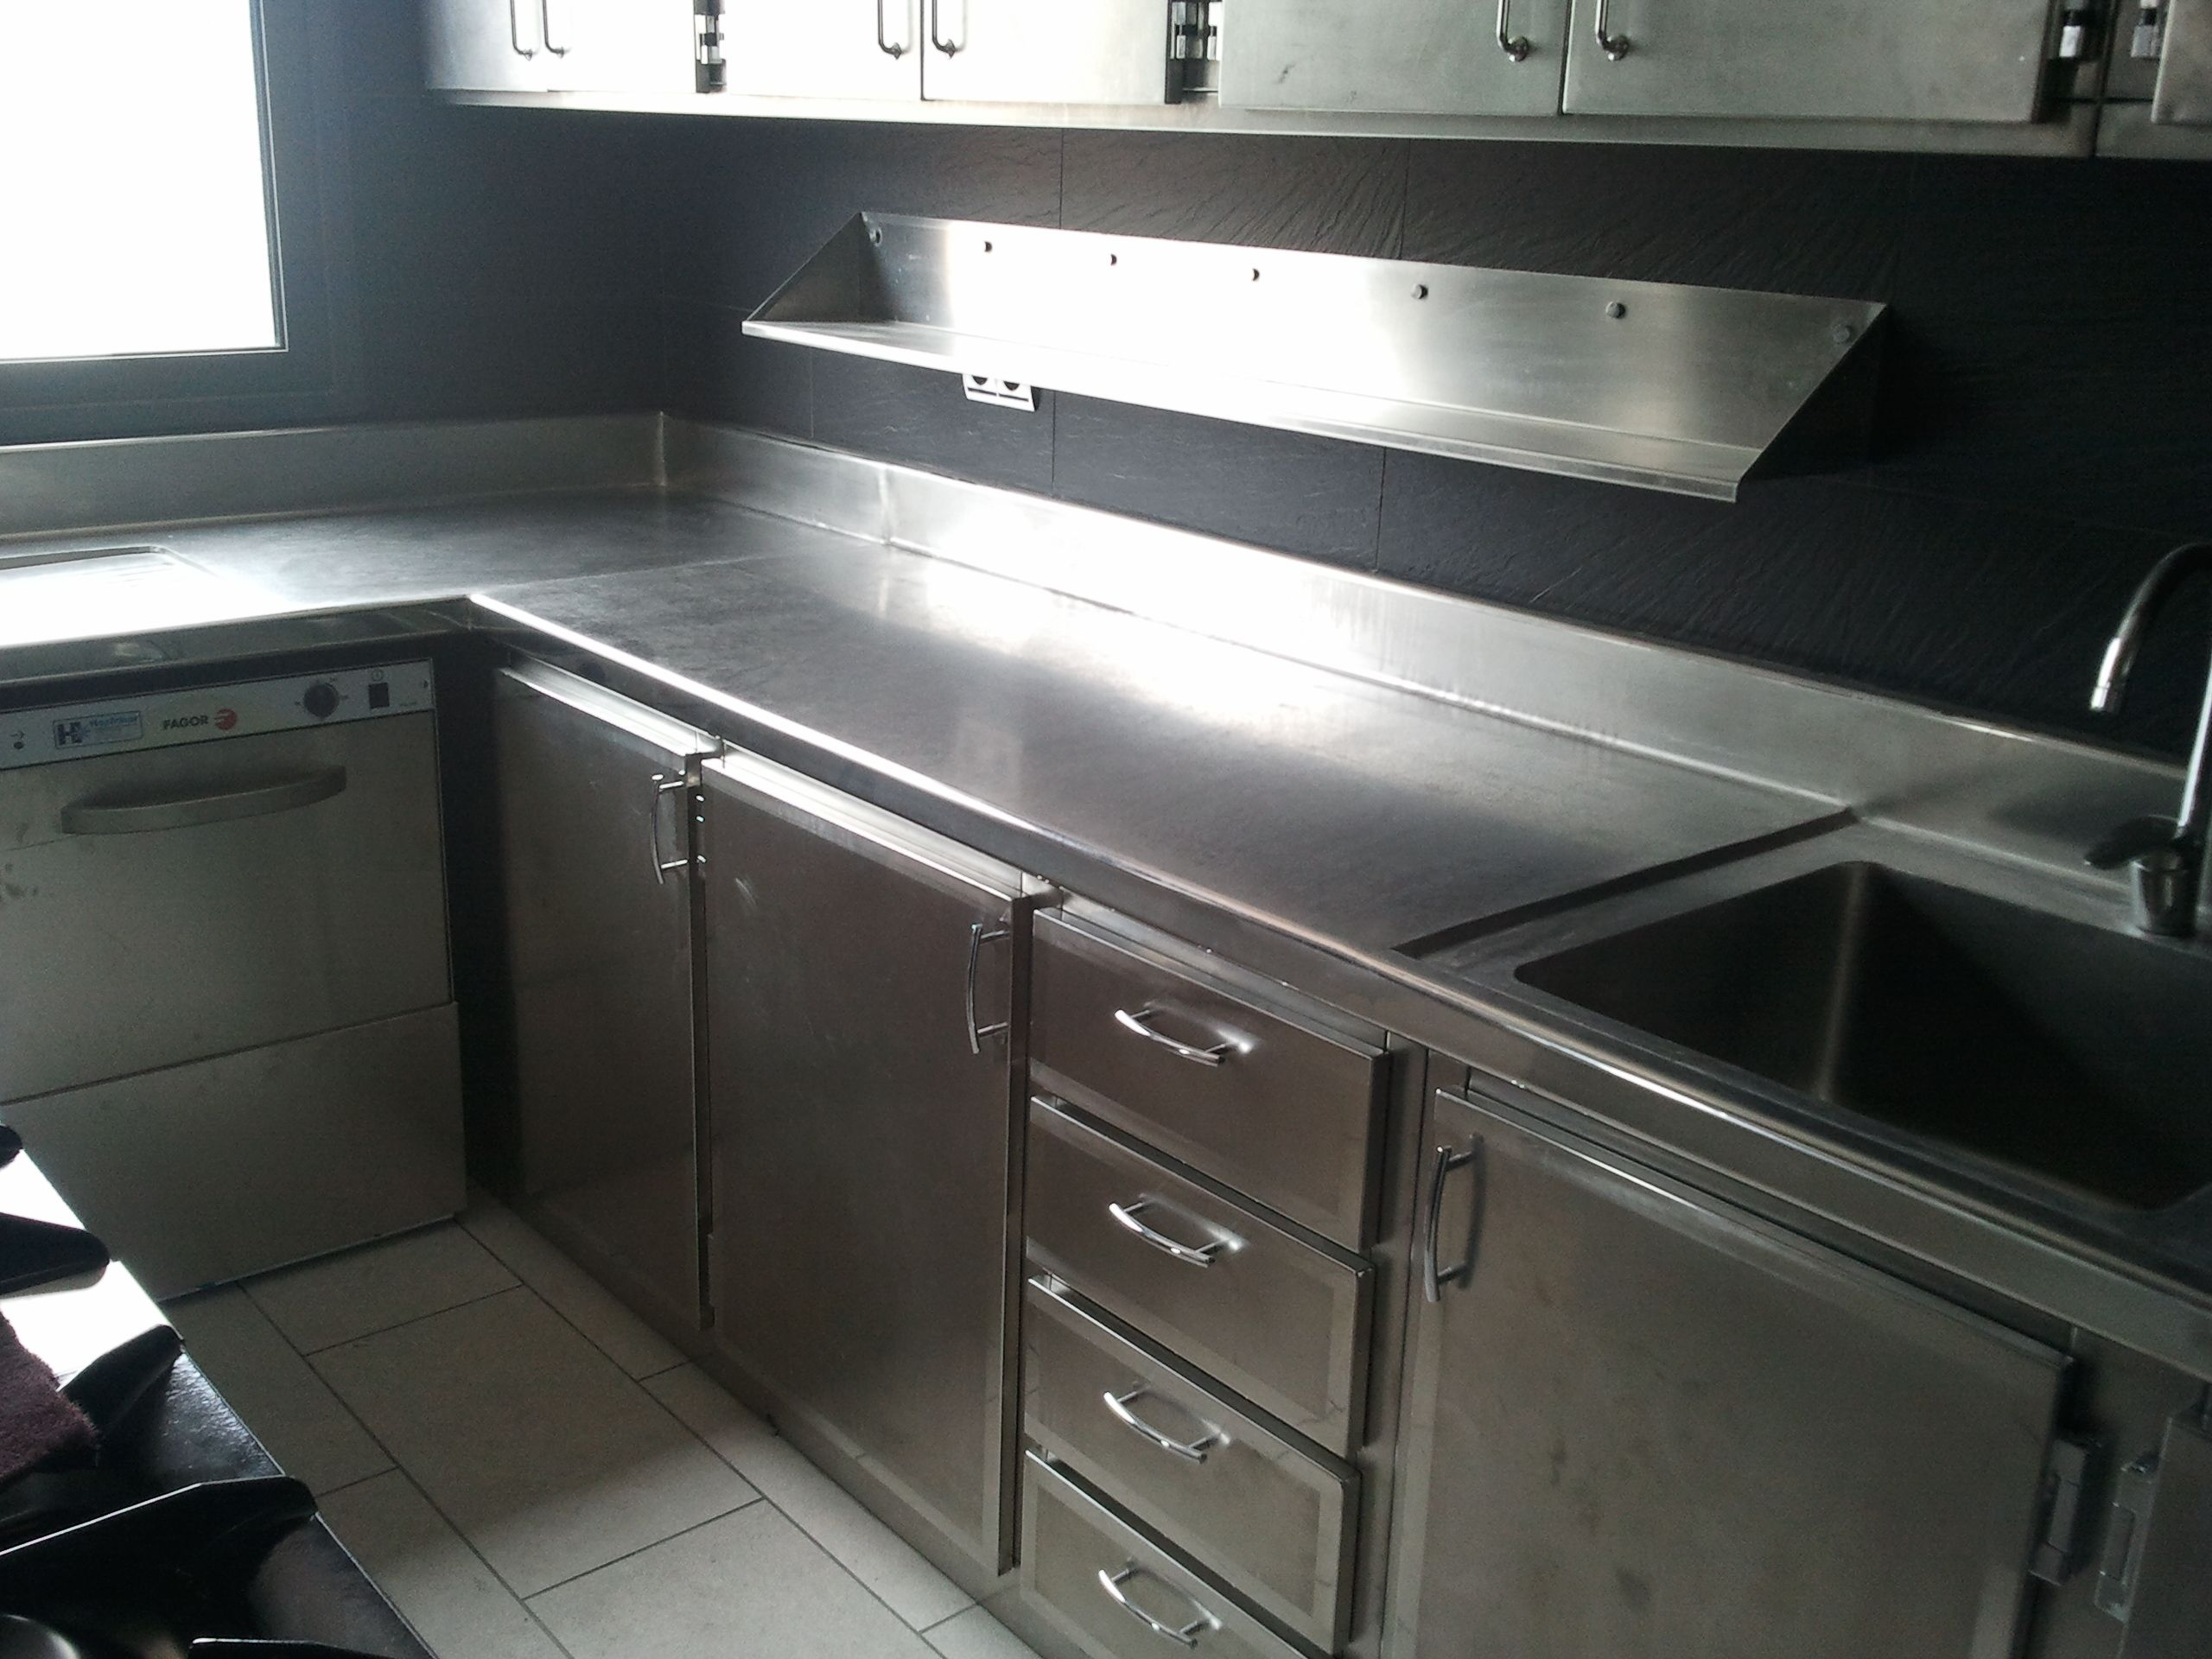 Muebles de cocina en acero inoxidable buscar con google - Figuras de acero inoxidable ...